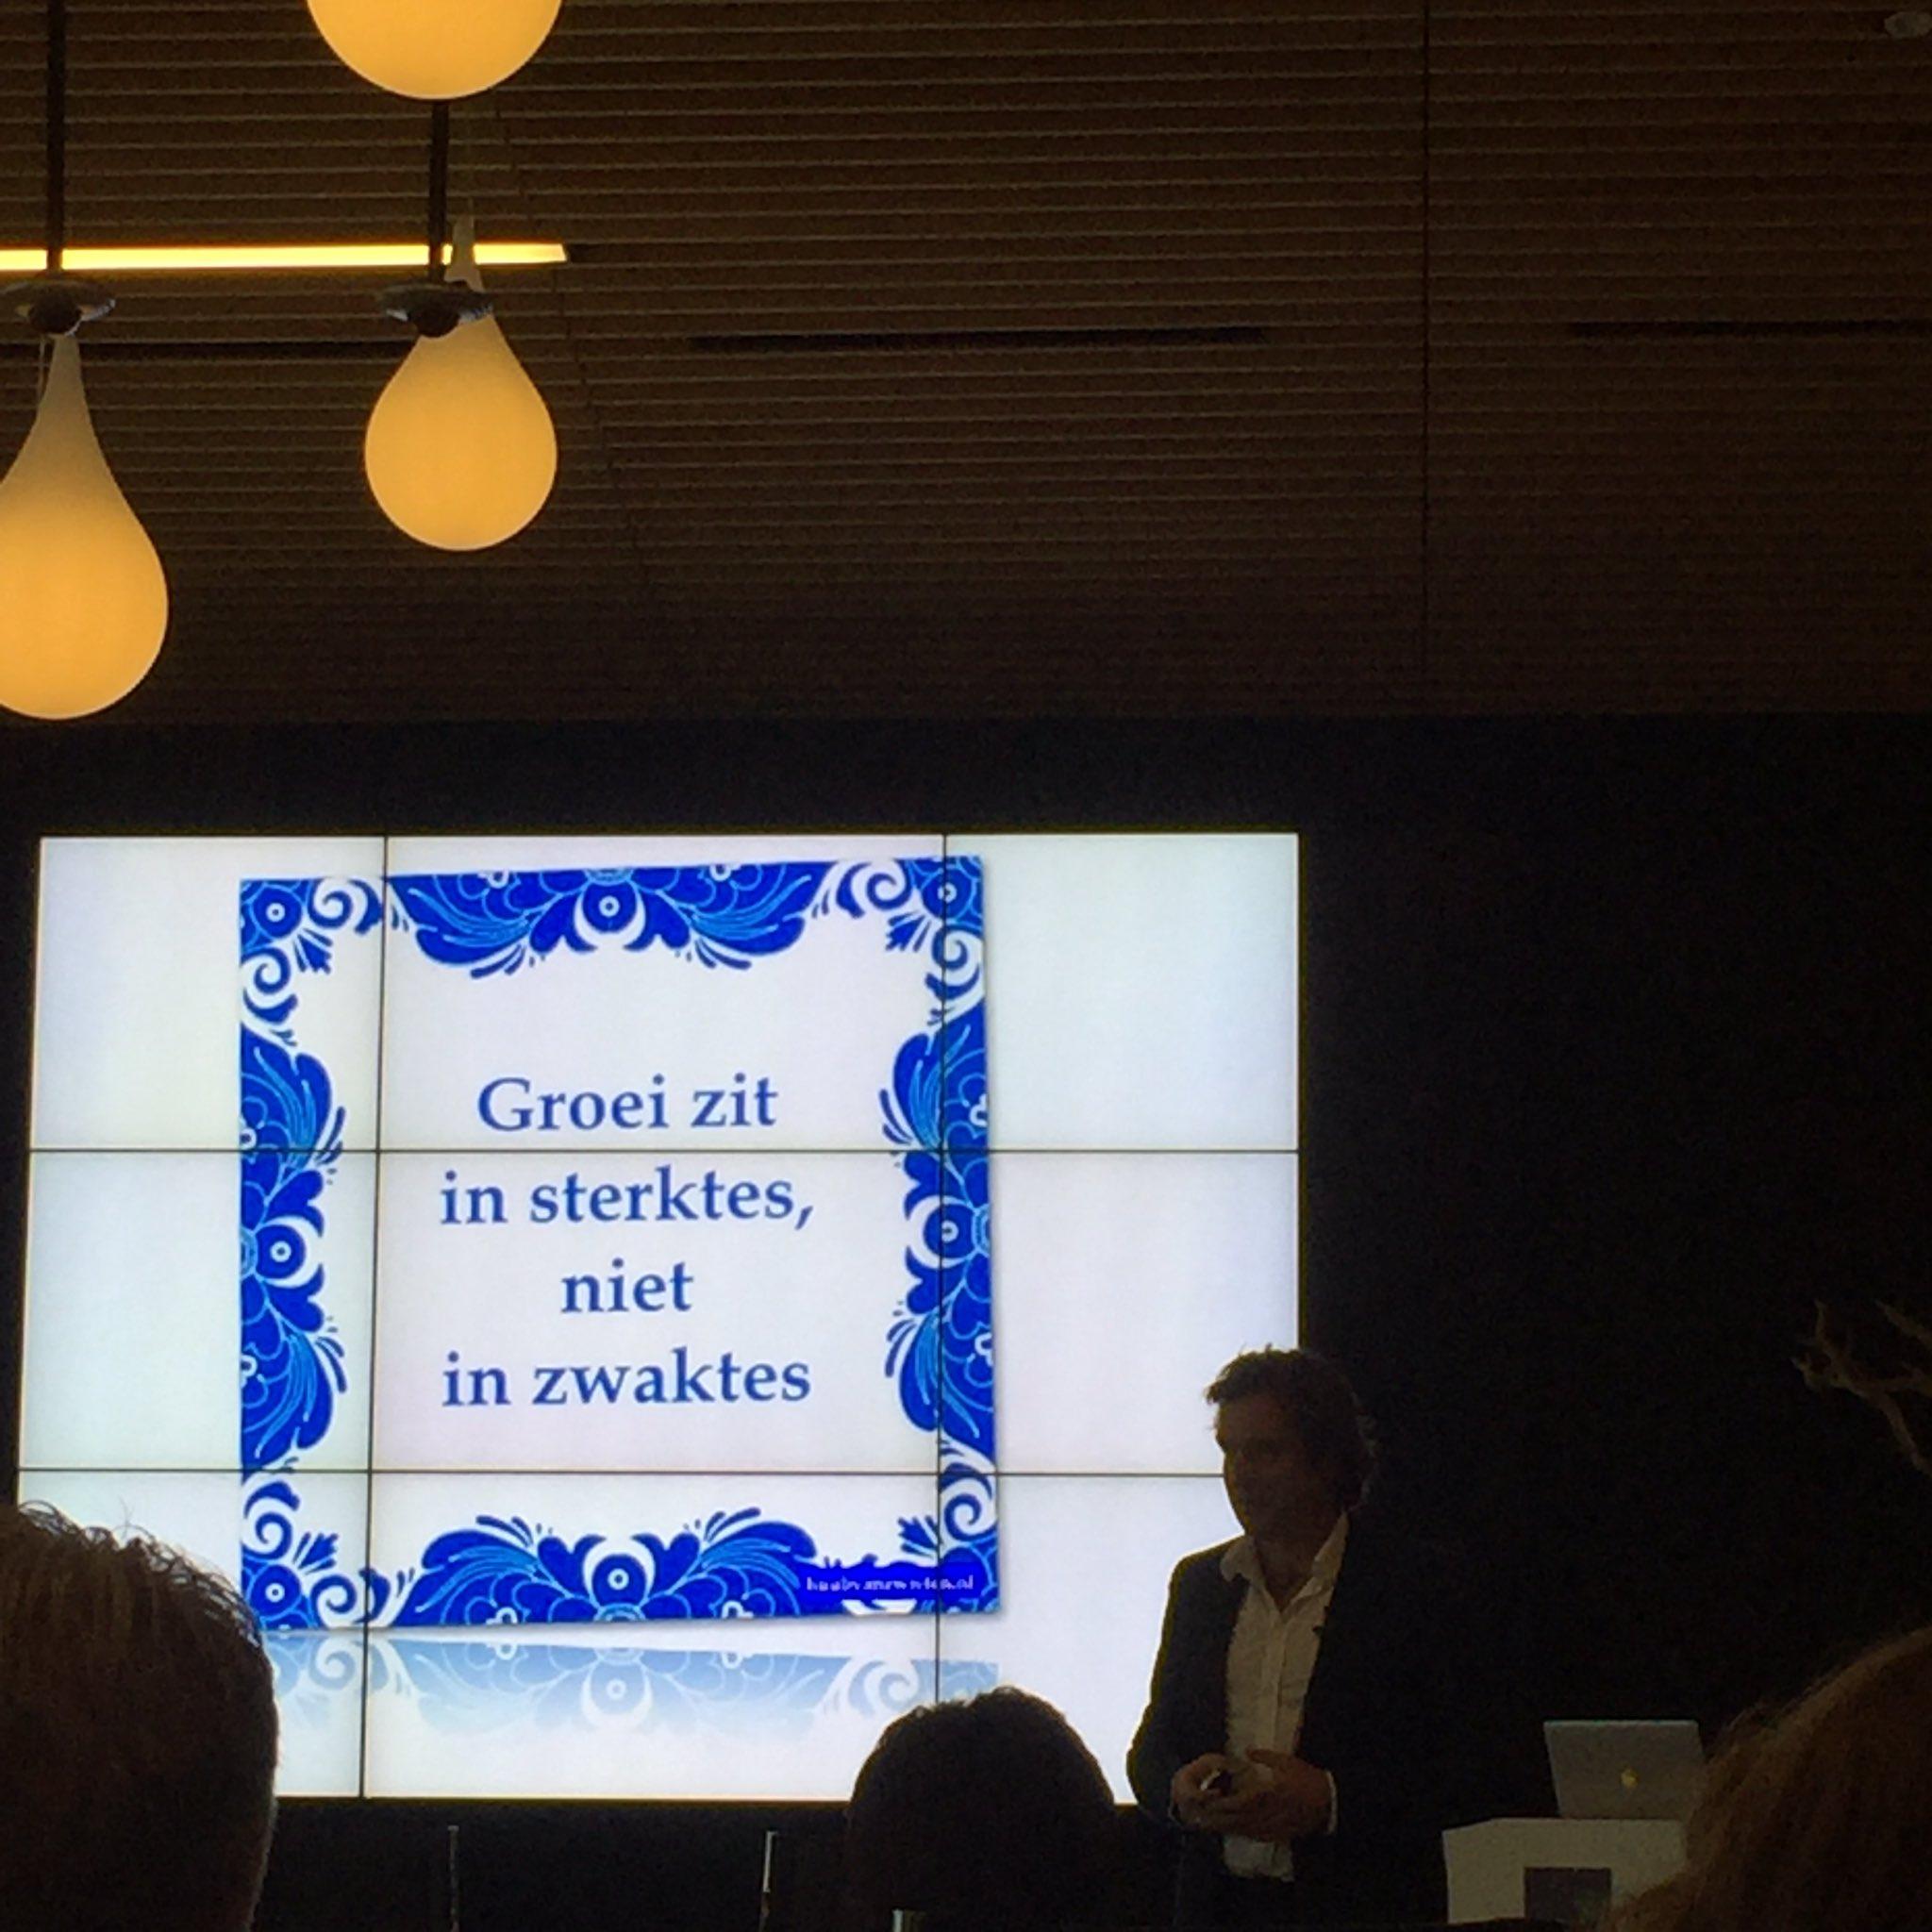 """""""Groei zit in sterktes, niet in zwaktes"""" quote van @Huub van Zwieten werkeninwb #MIJW https://t.co/fiWlYY1Y8f"""